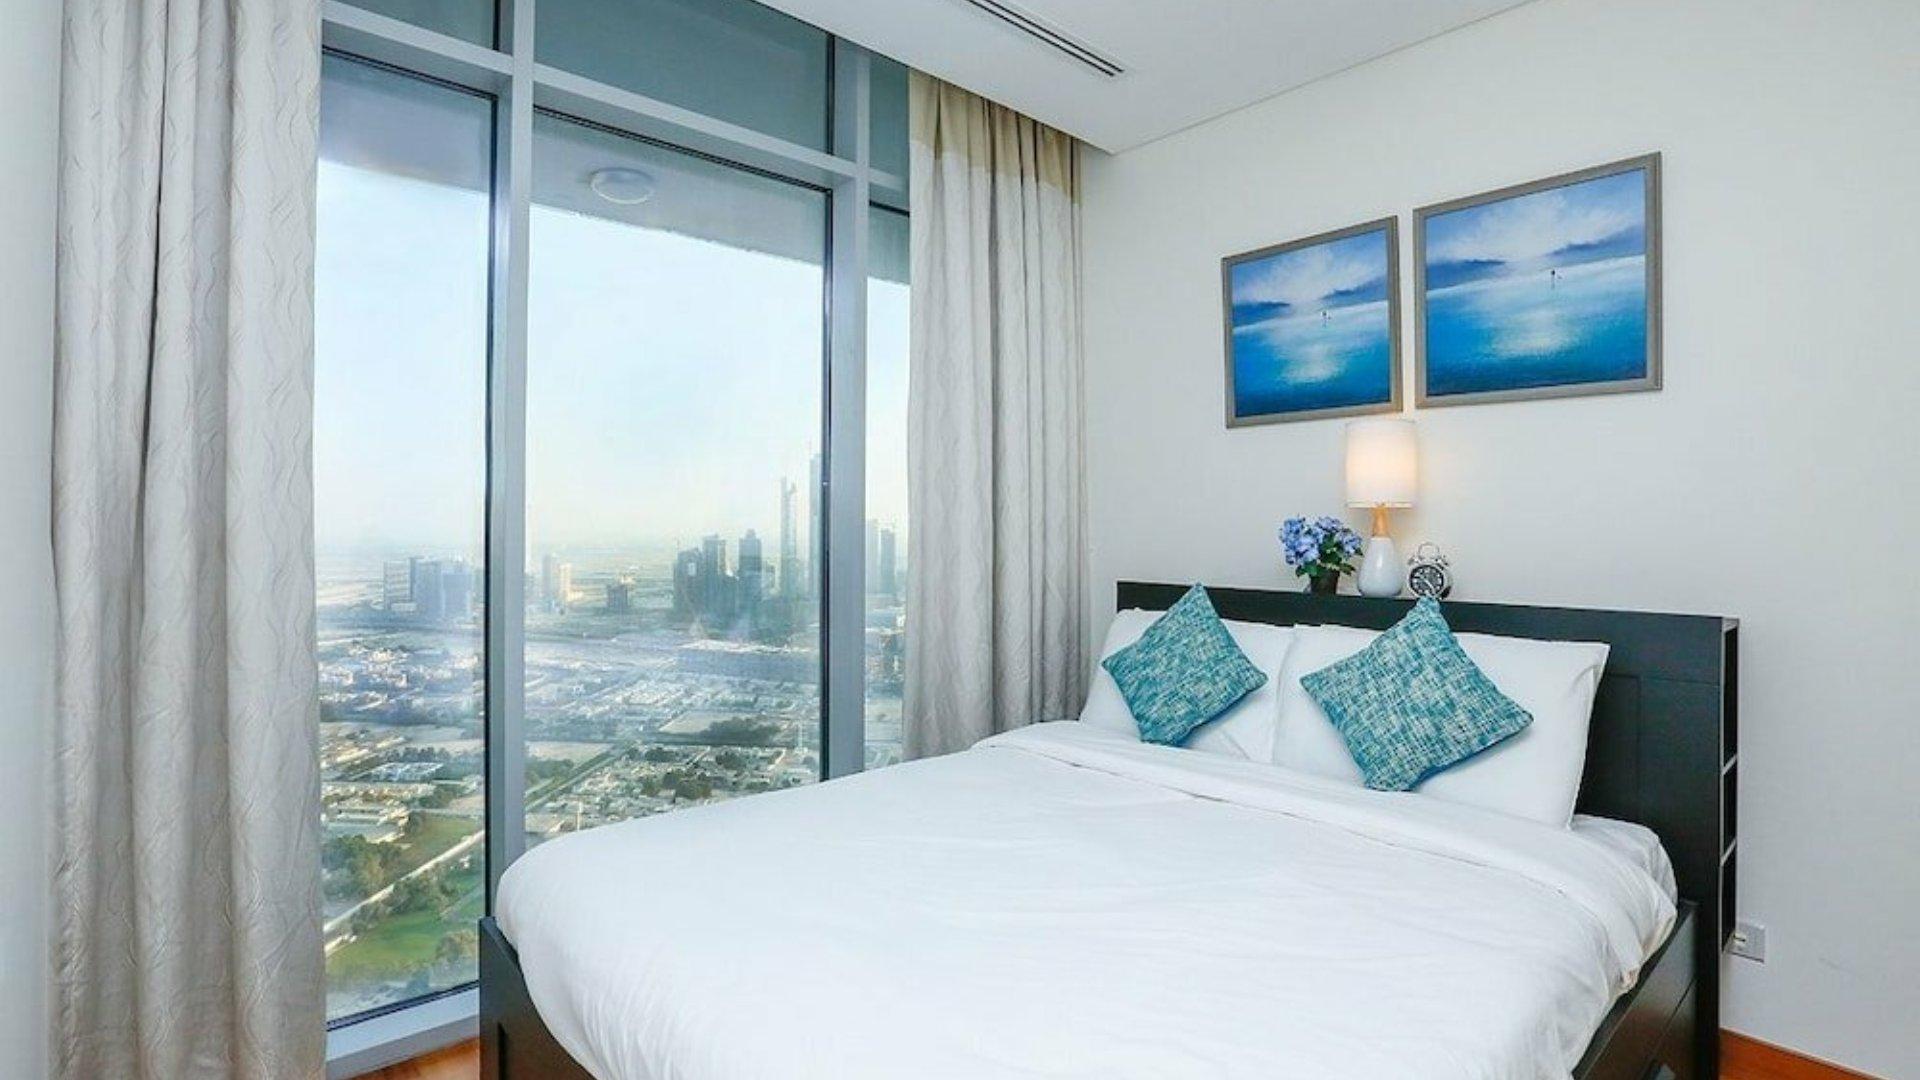 Apartamento en venta en Dubai, EAU, 1 dormitorio, 83 m2, № 24645 – foto 1